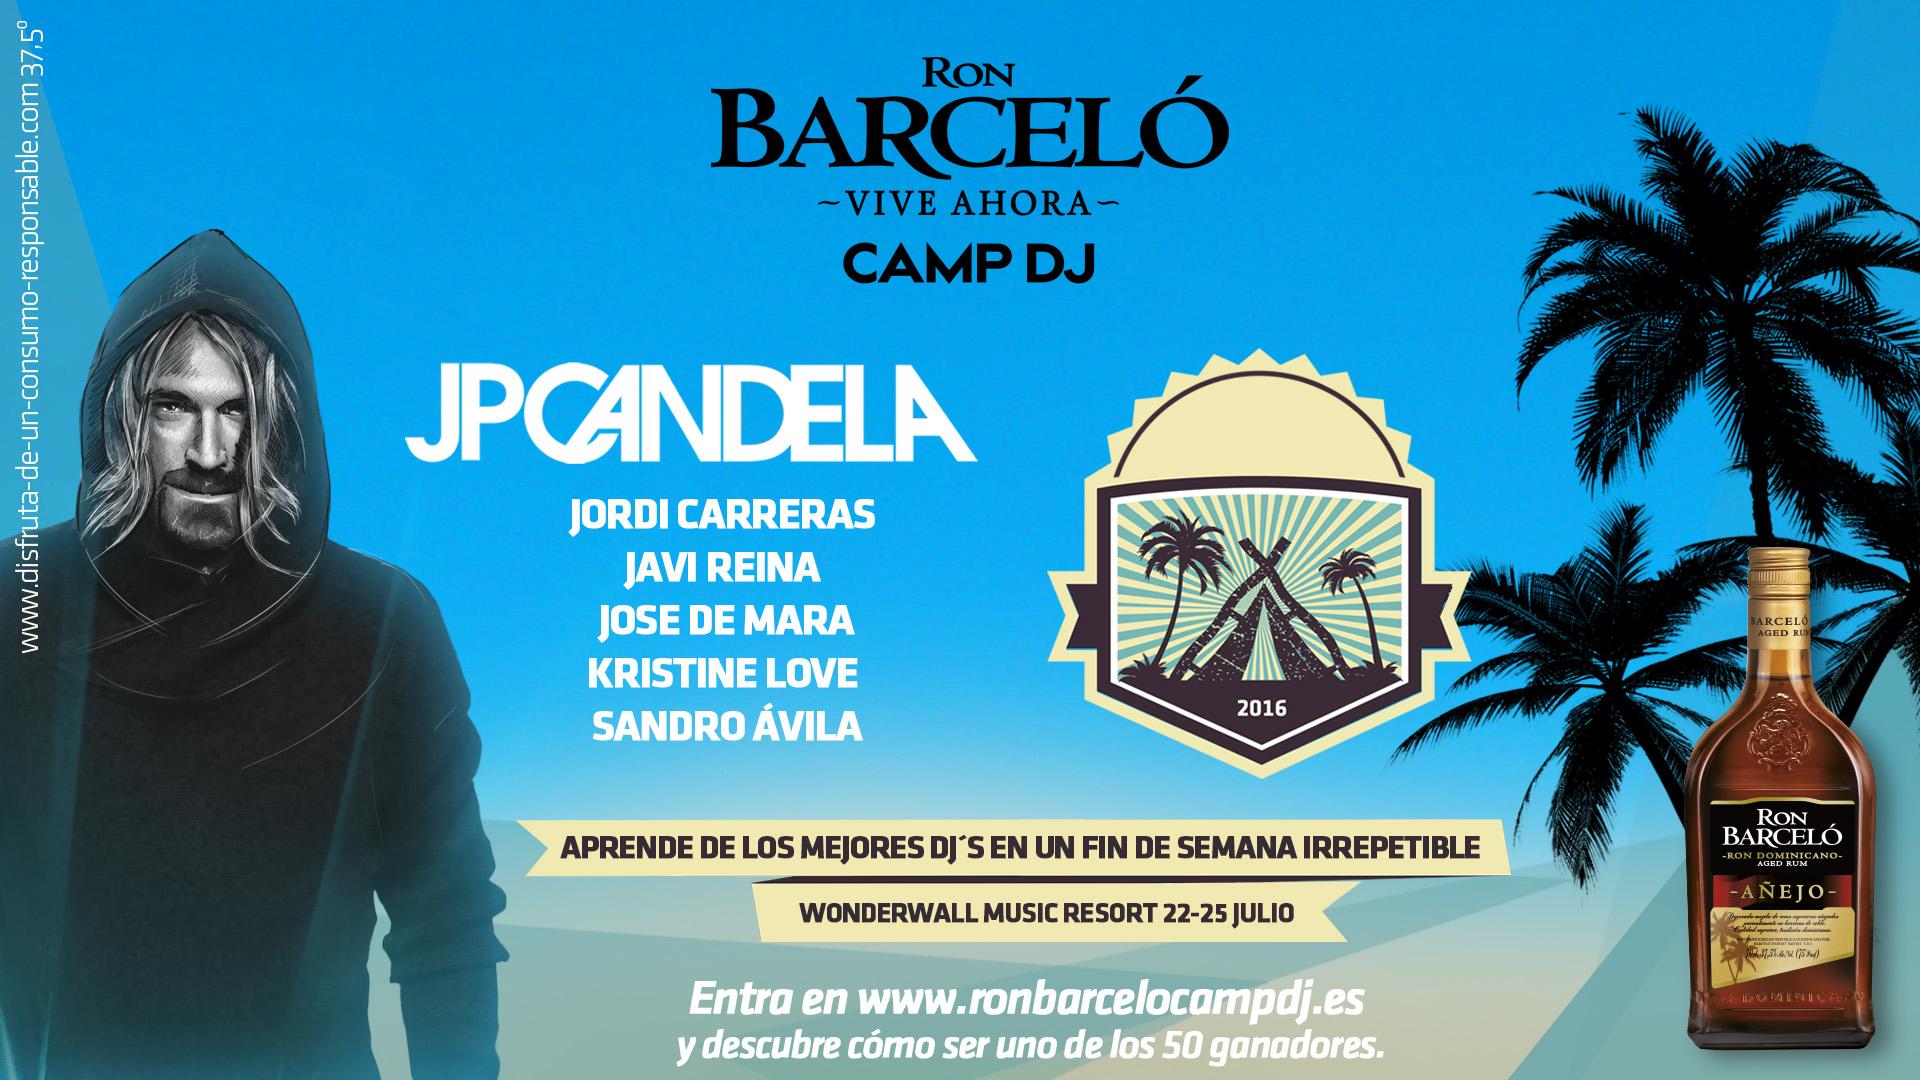 """Gandía acogerá """"CAMP DJ"""", un campamento impulsado por Ron Barceló para jóvenes que sueñan con ser DJ profesional"""